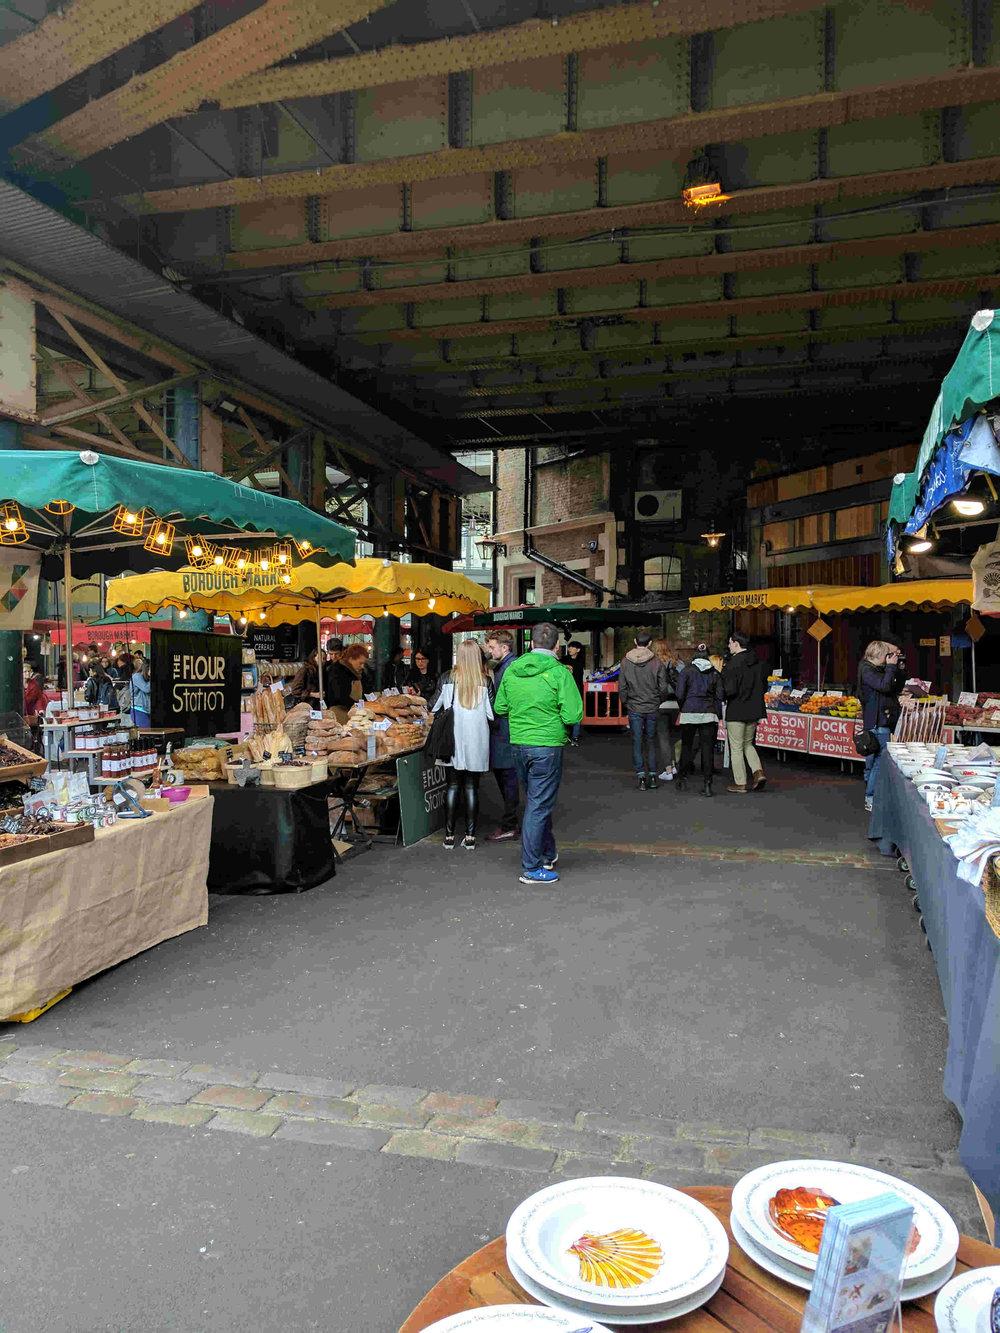 burroughmarket.jpg